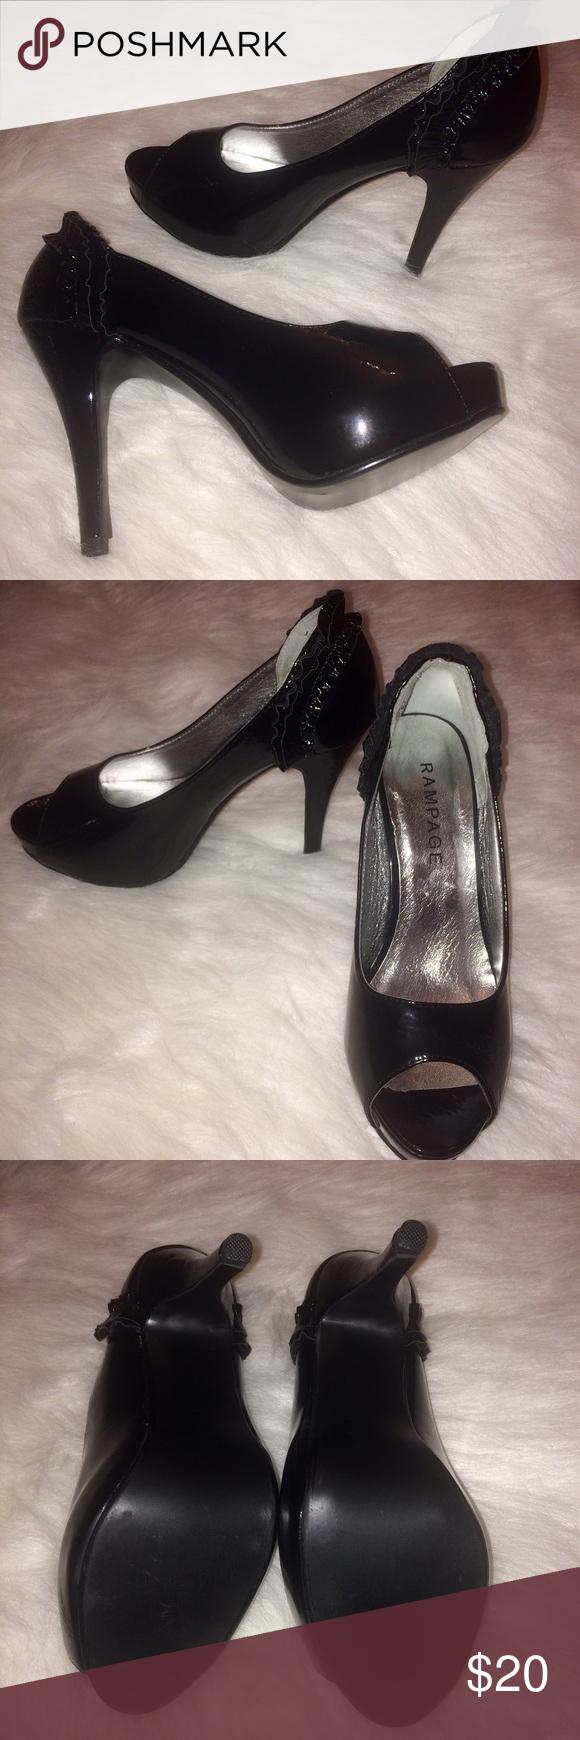 Rampage Black Peep toe heels Rampage Black peep toe heels. Size: 6.5. Pre-owned. Good condition! Like new. Shoes Heels